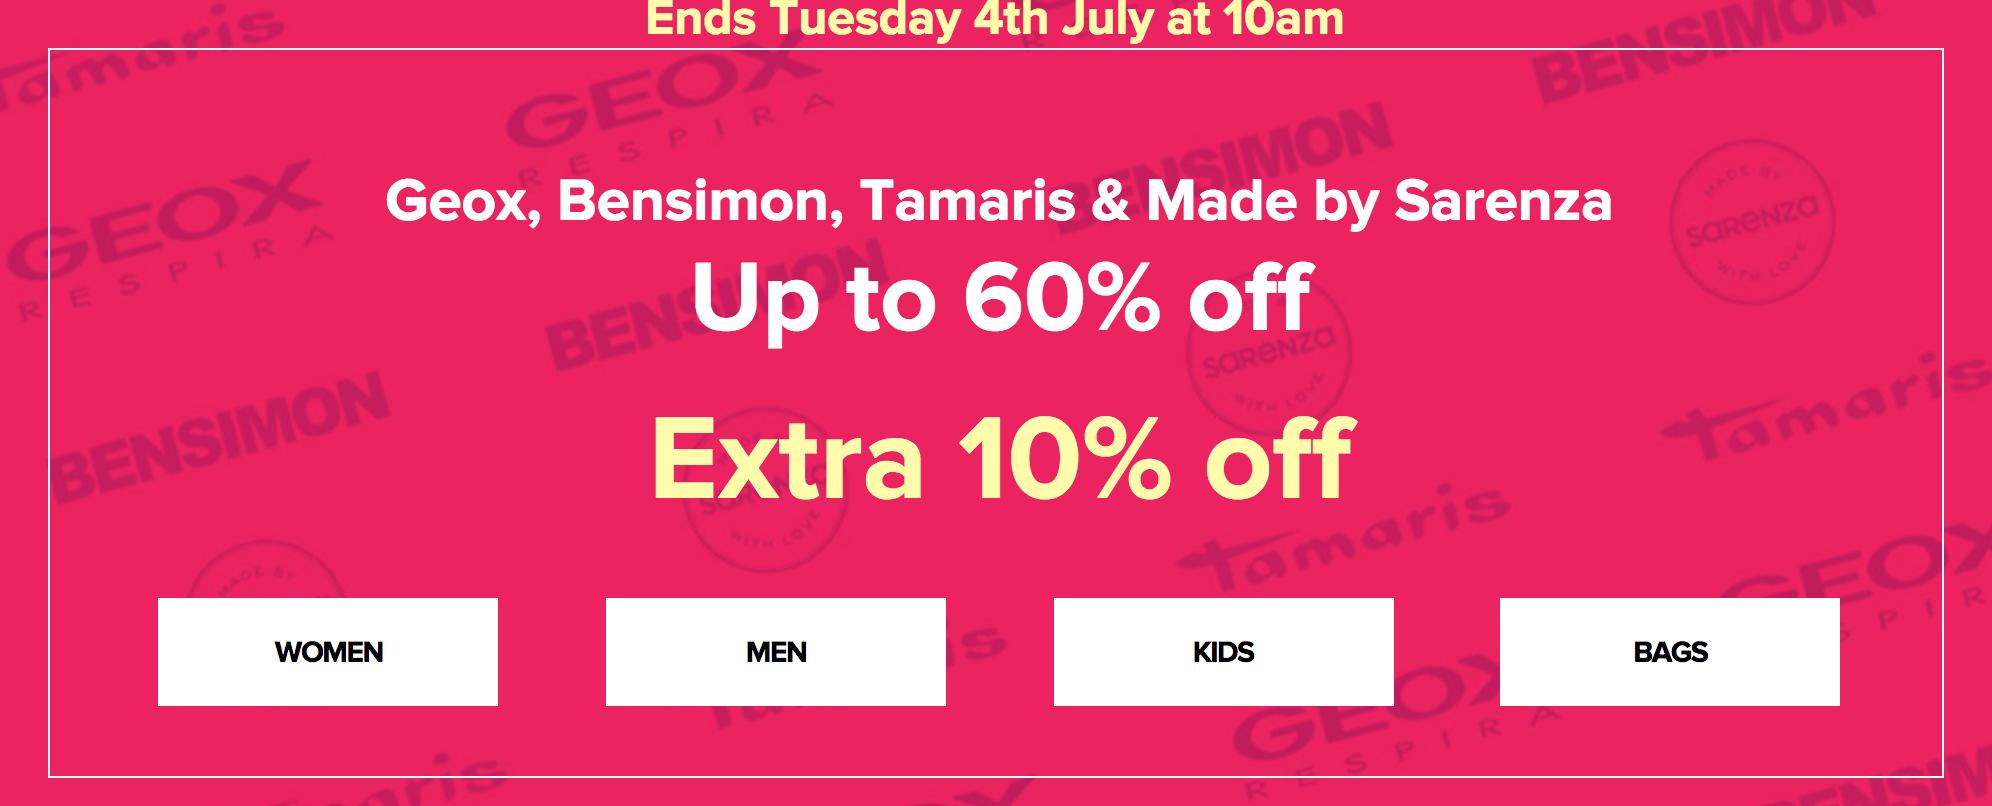 Sarenza: Sale up to 60% + extra 10% off Geox, Bensimon, Tamaris & Made by Sarenza